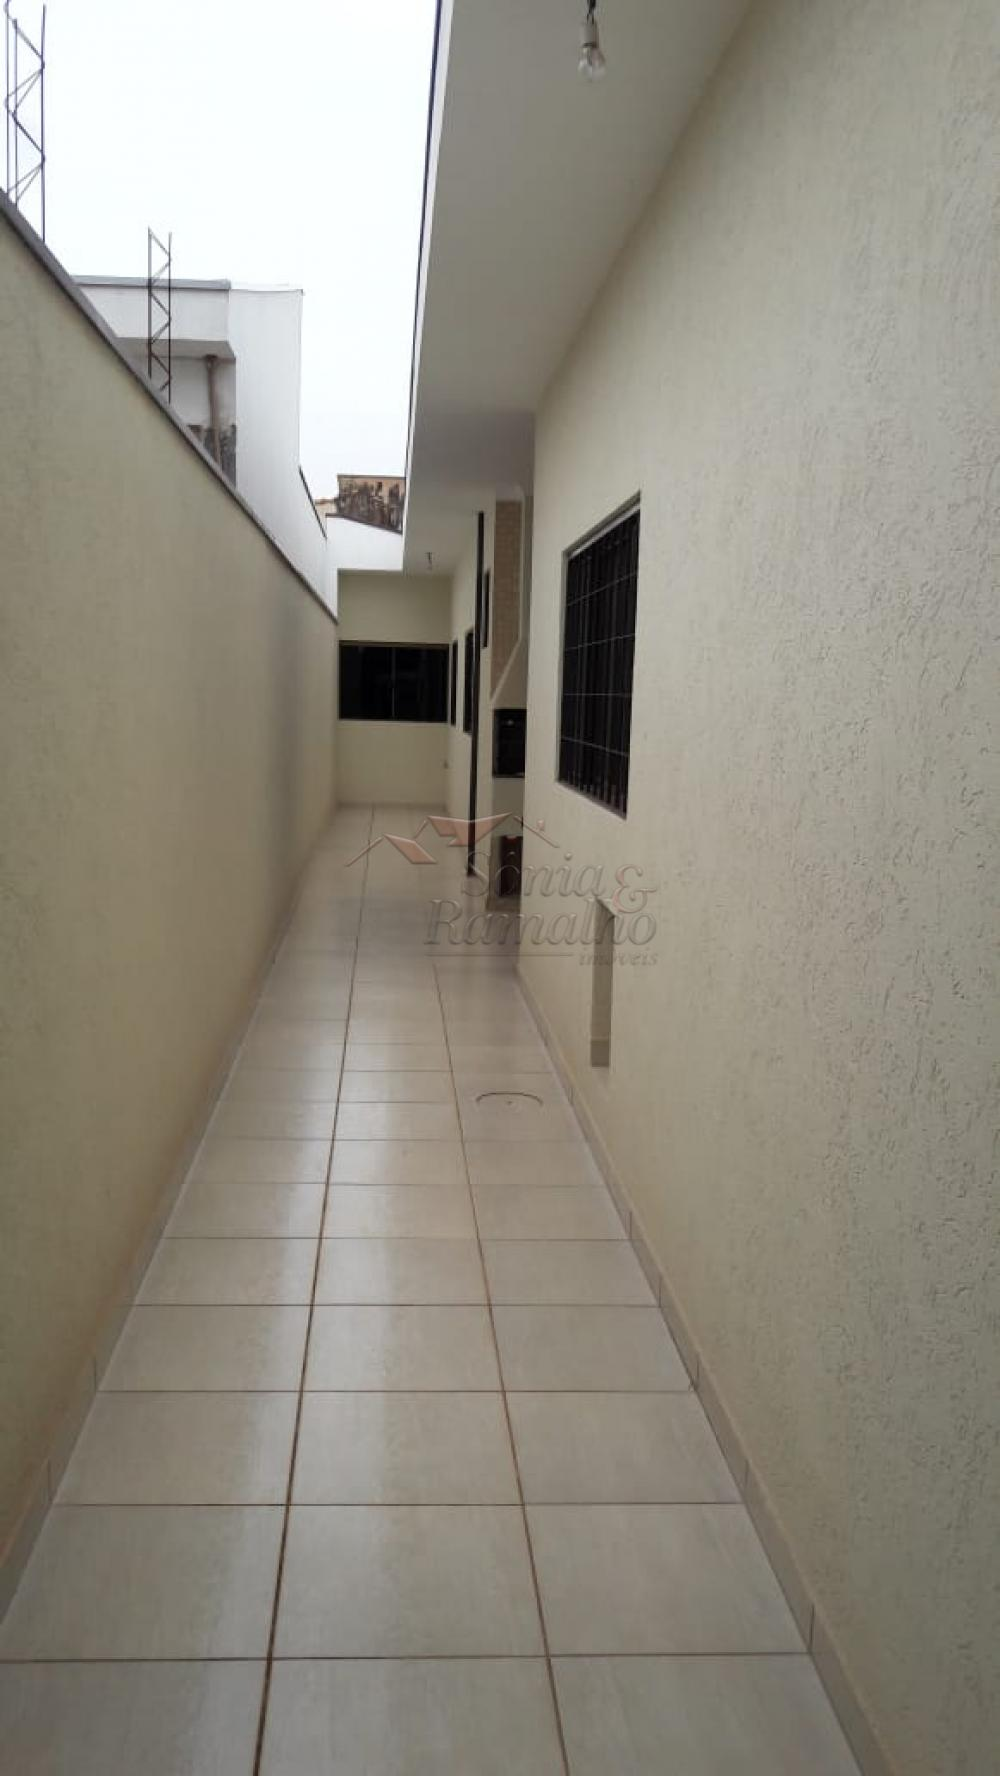 Comprar Casas / Padrão em Ribeirão Preto apenas R$ 290.000,00 - Foto 18